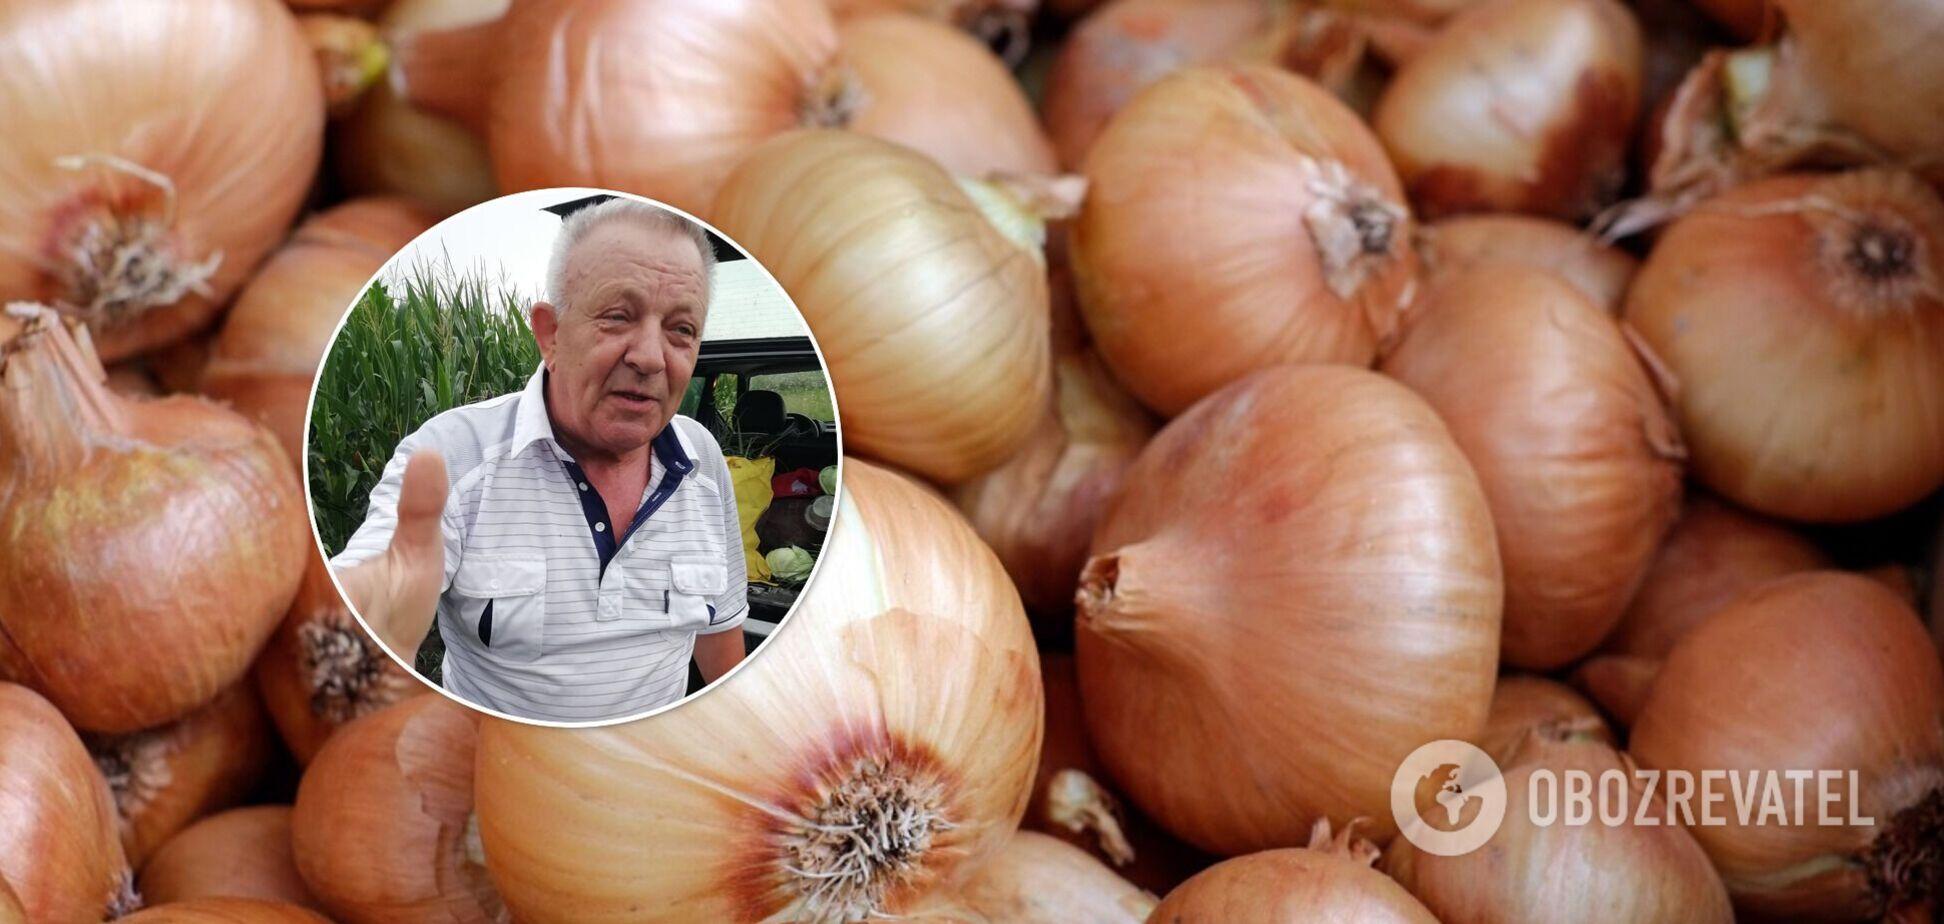 Колишнього мера Чорткова звинуватили в крадіжці цибулі і капусти з городу: він дав пояснення. Фото і відео